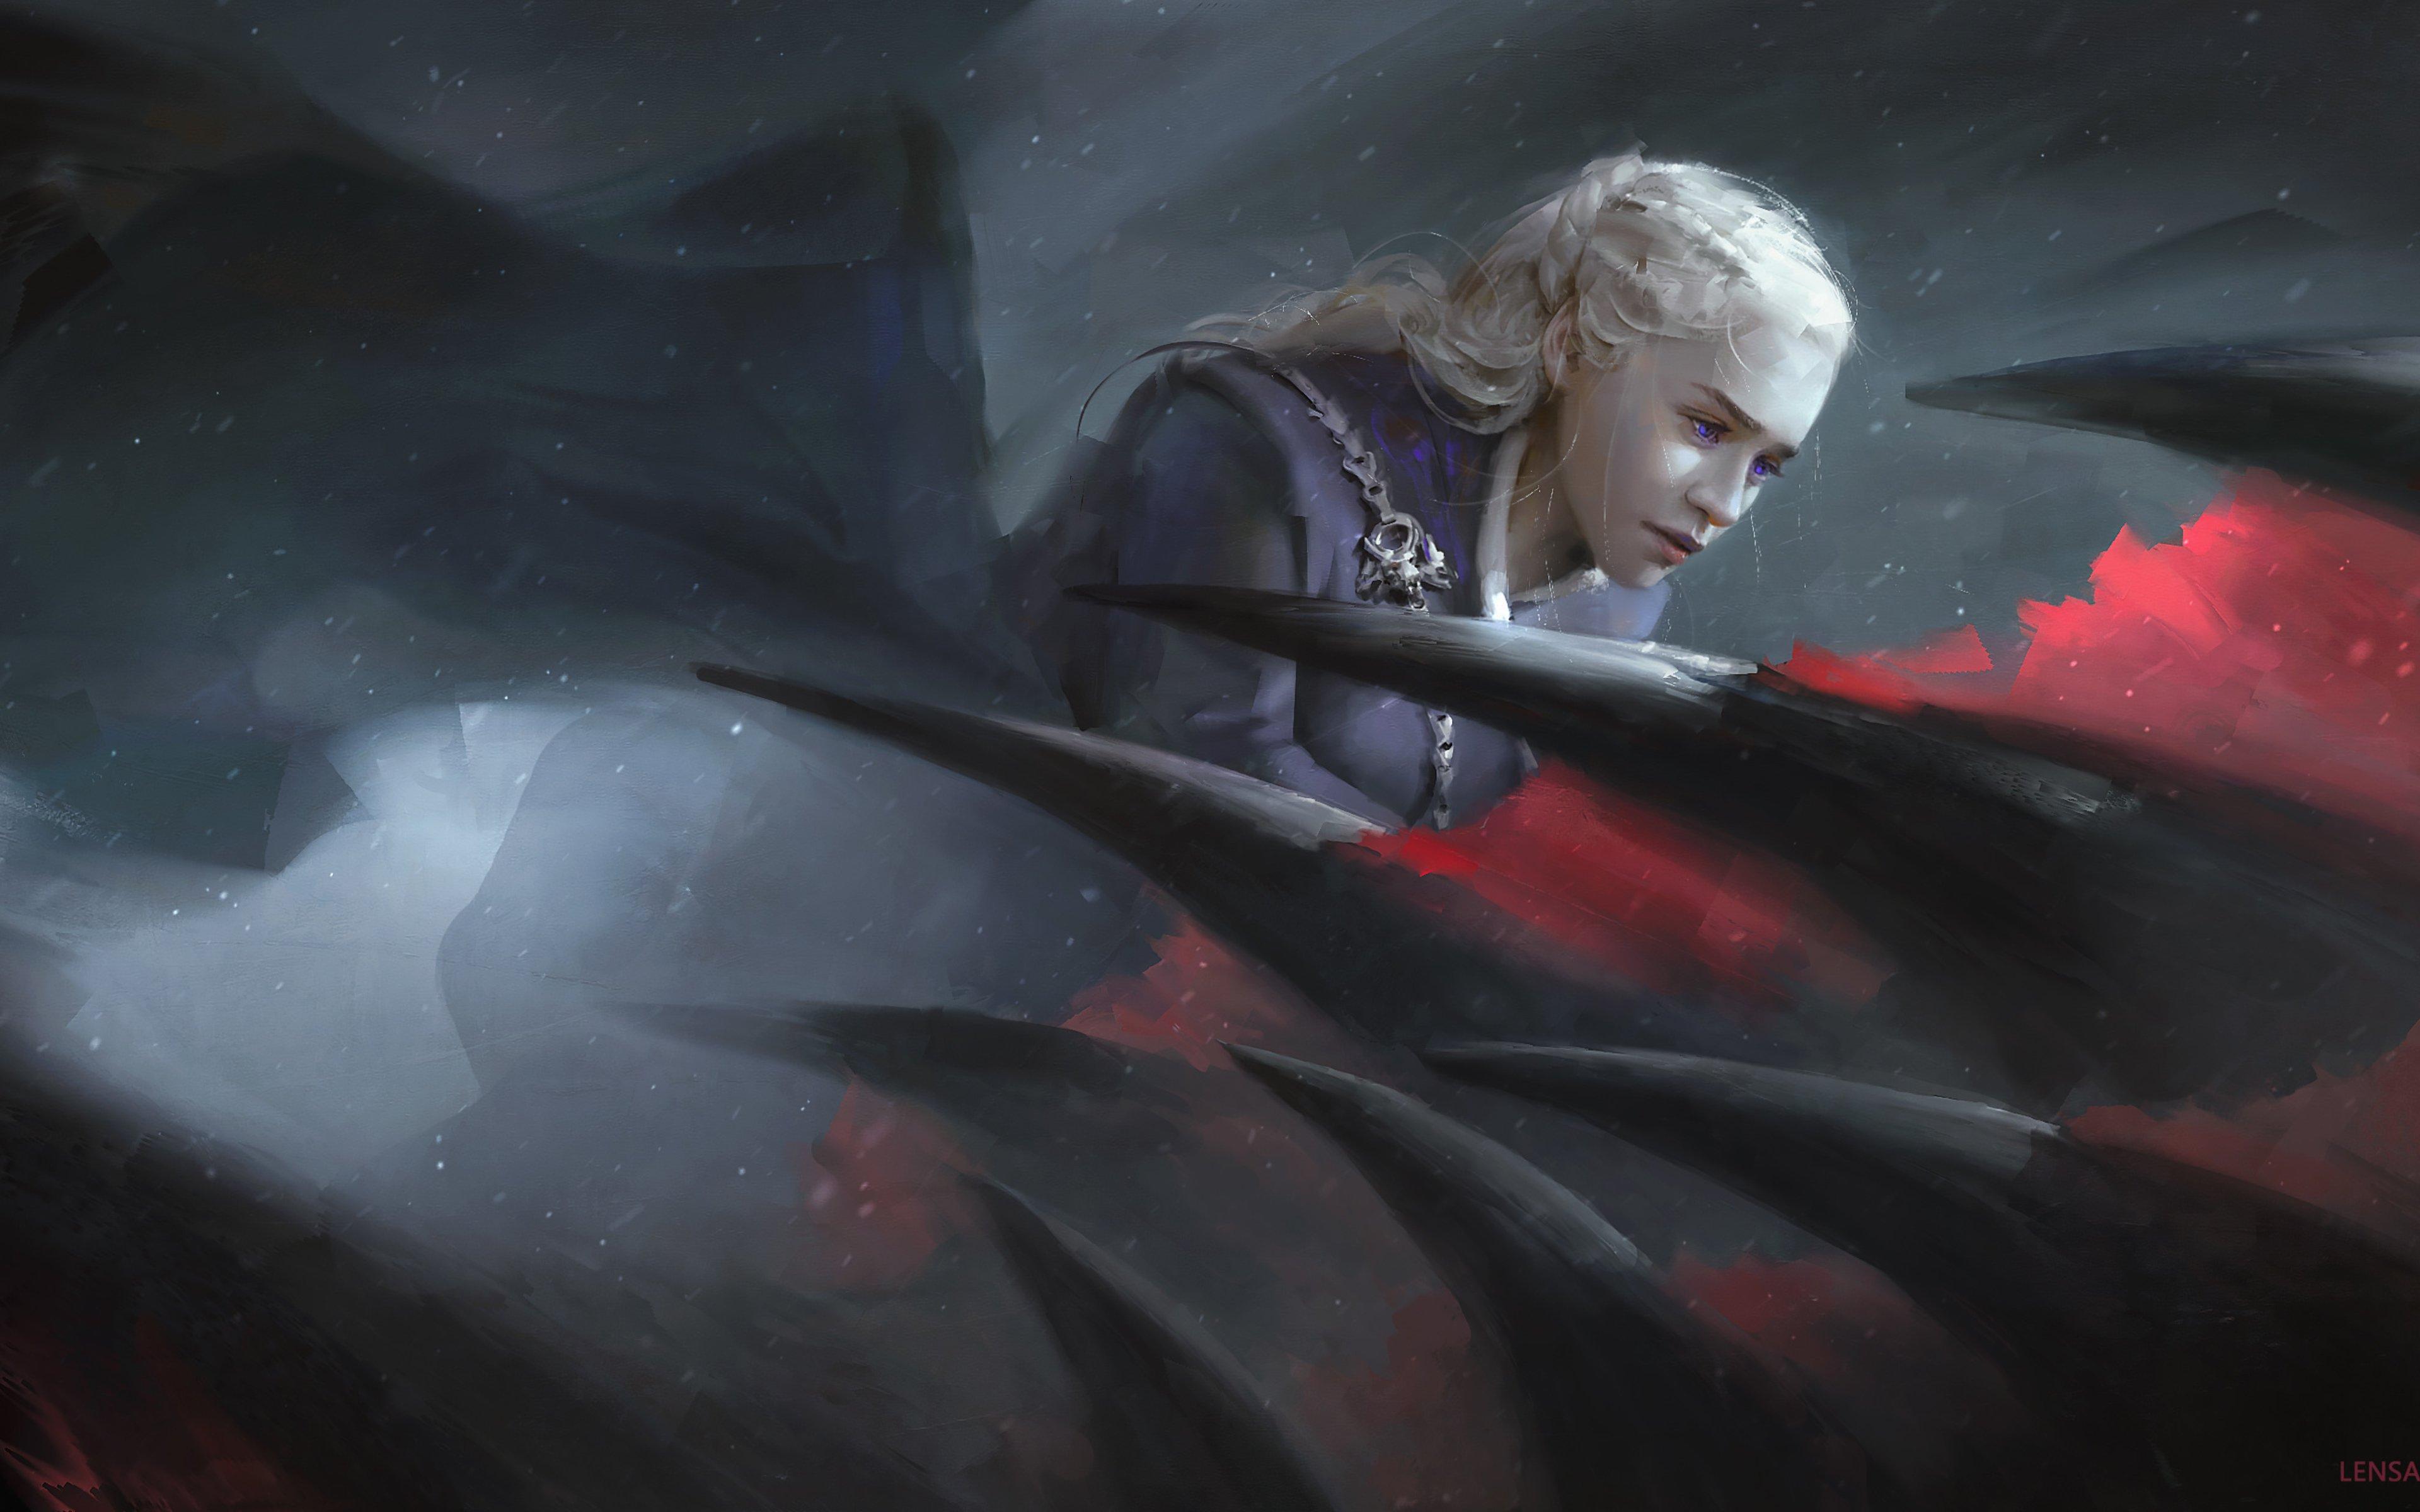 Fondos de pantalla Daenerys Targaryen de Juego de tronos Fanart